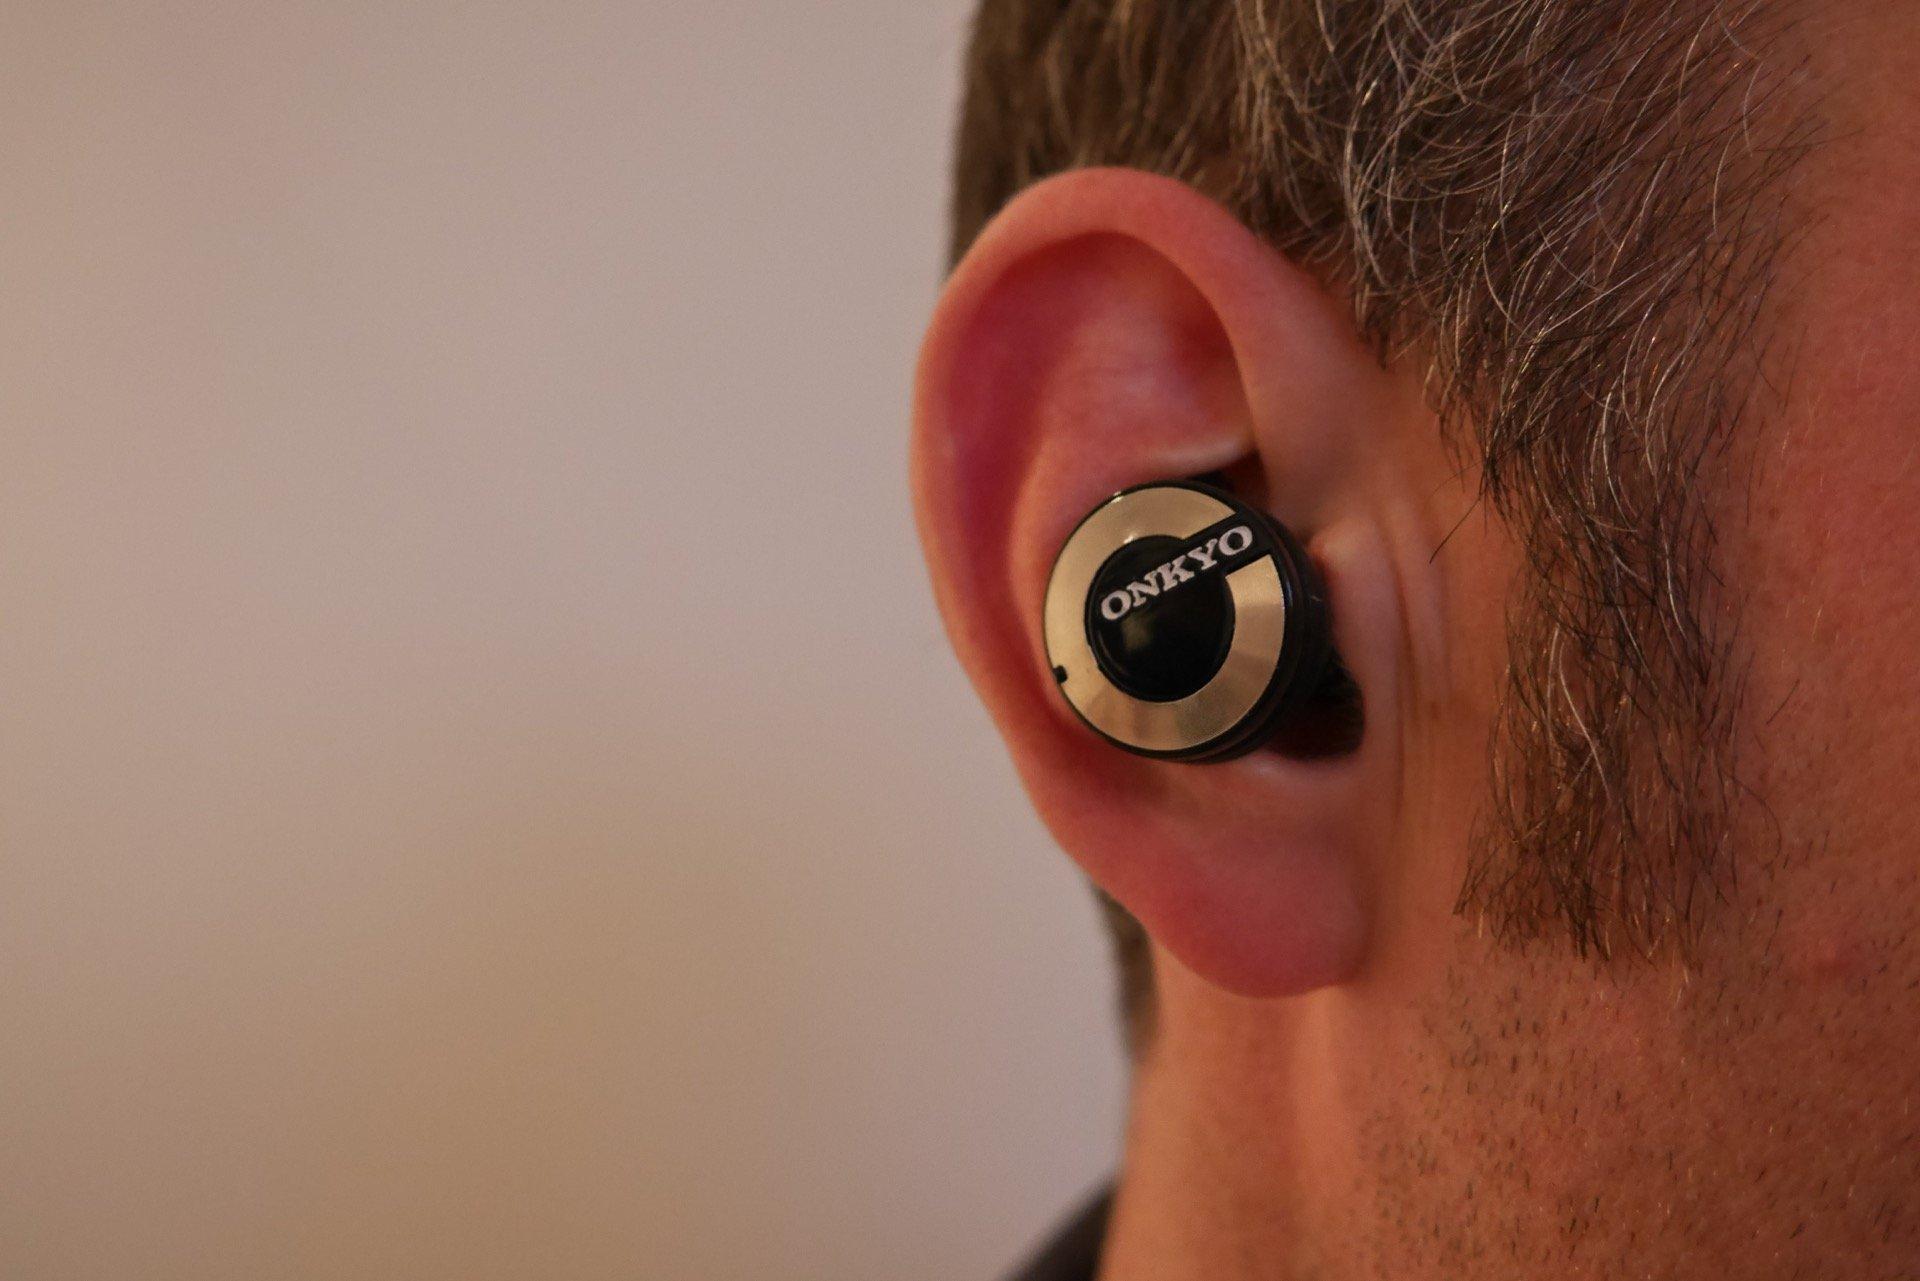 onkyo earphones. onkyo w800bt wireless in-ear headphones review - hands on earphones